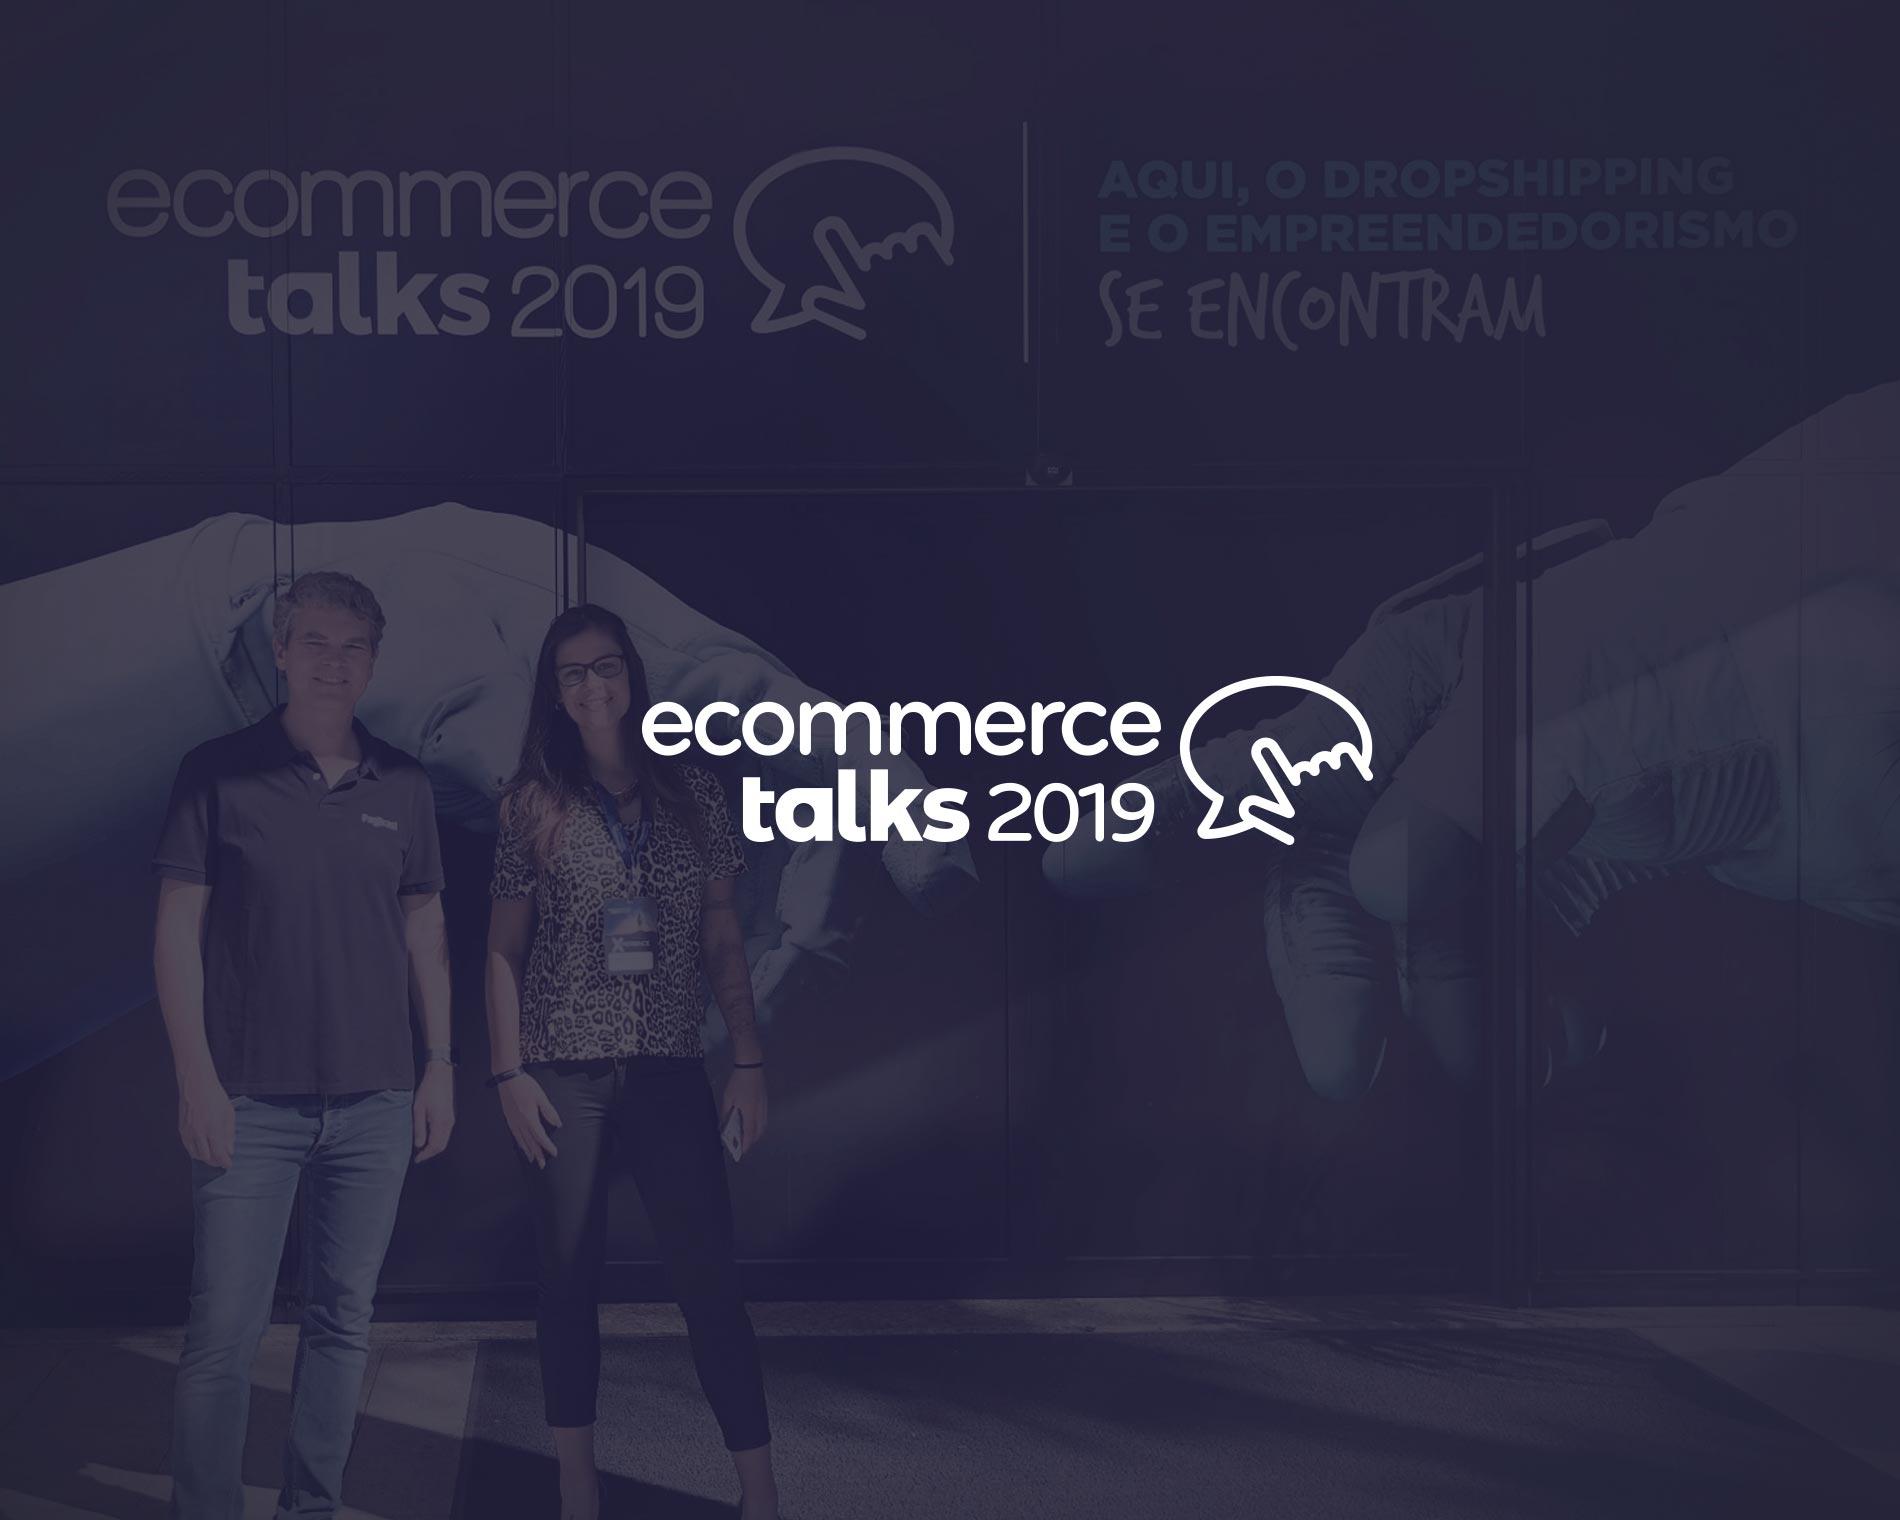 Empreenda E-commerce Talks 2019, Belo Horizonte